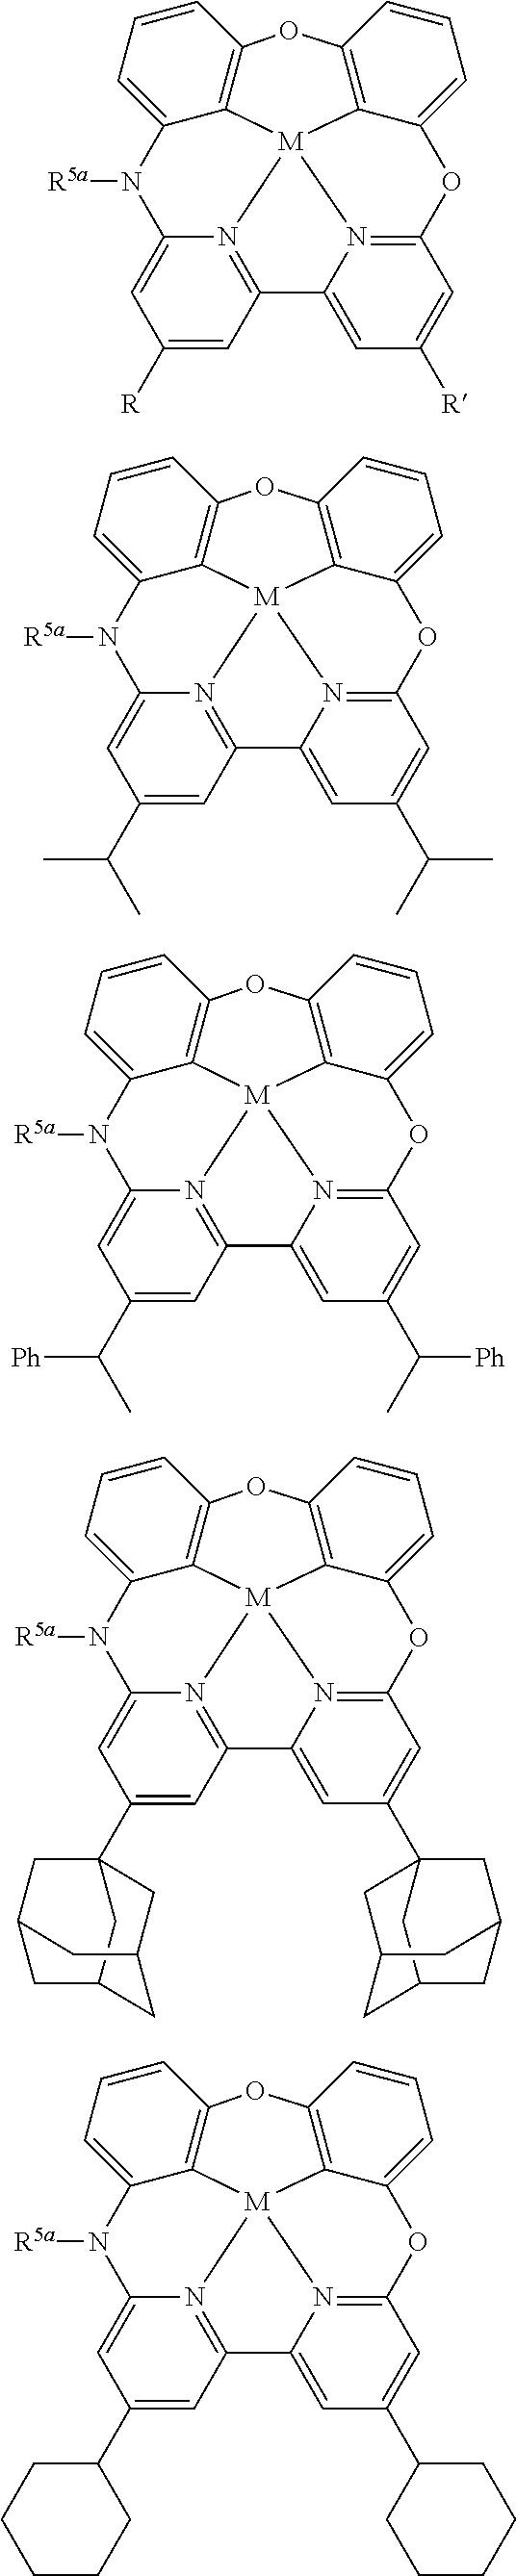 Figure US10158091-20181218-C00048